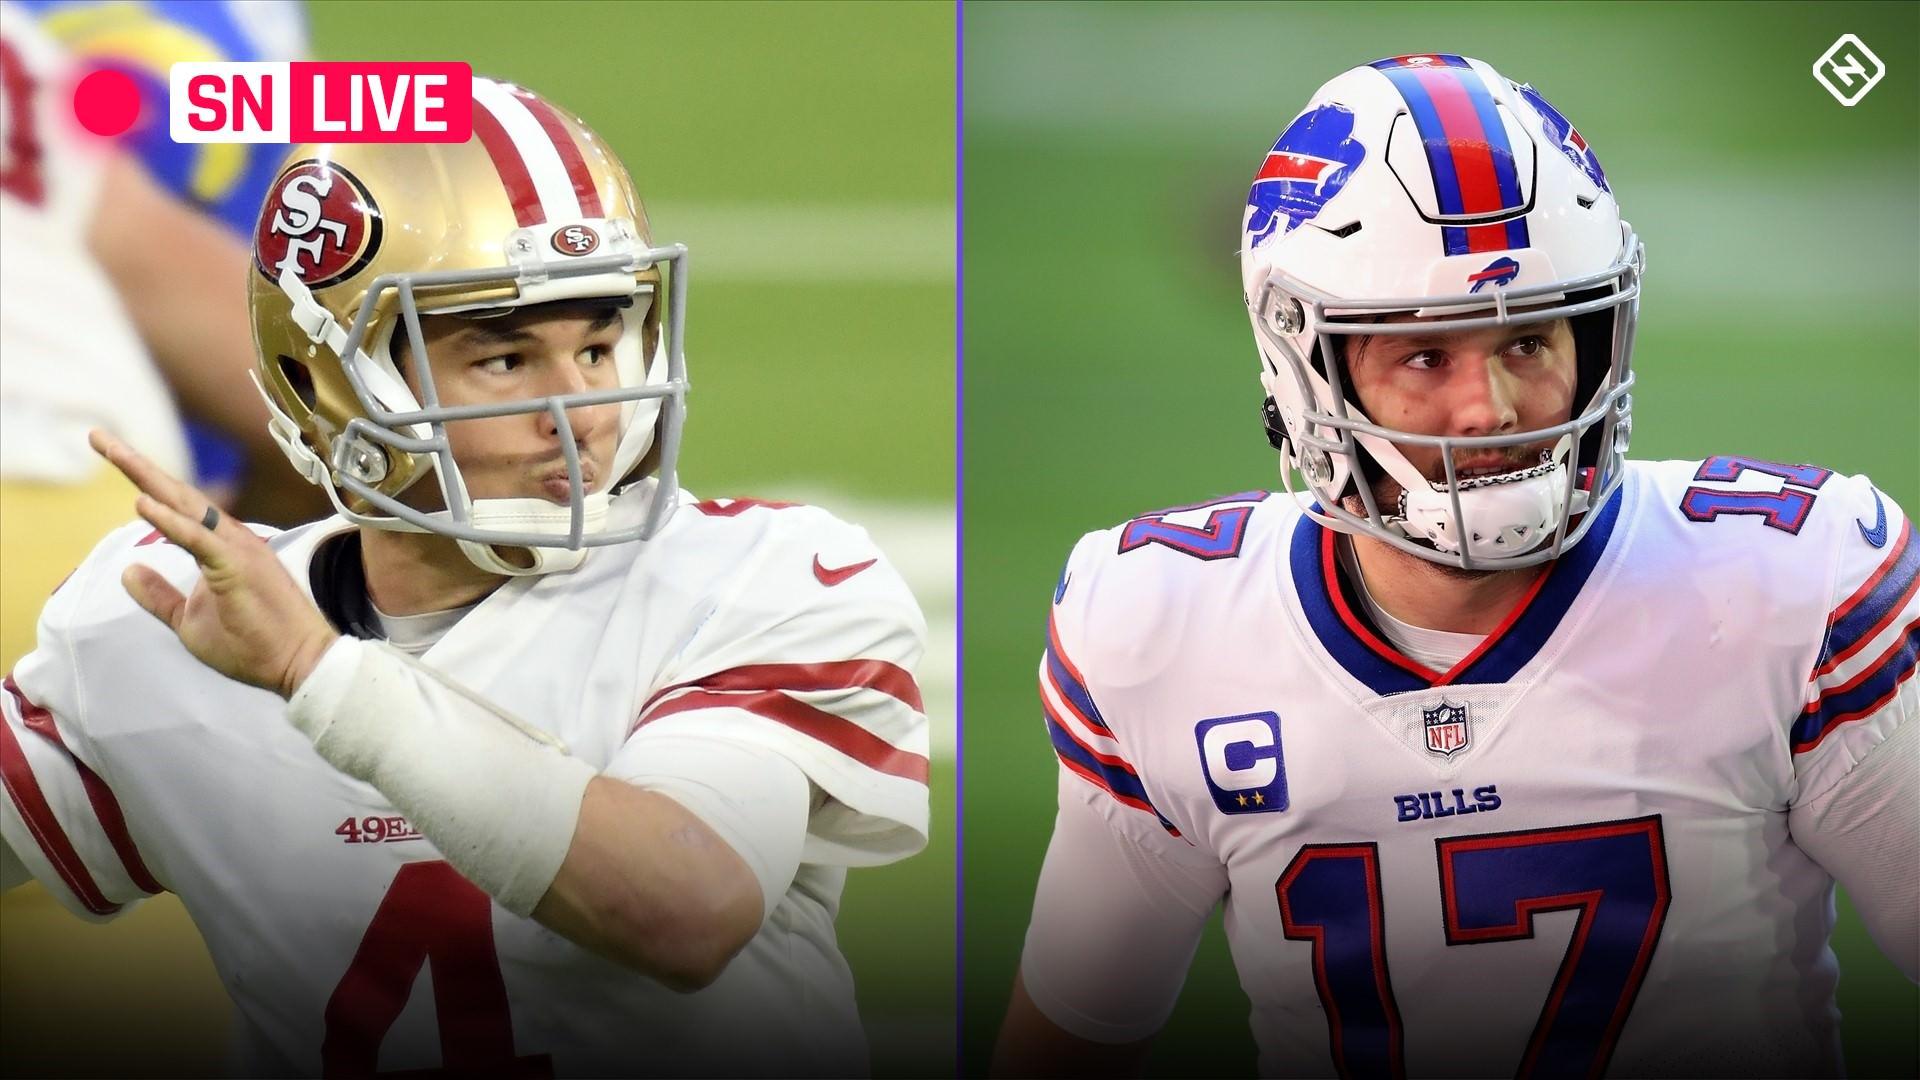 Placar ao vivo do 49ers vs. Bills, atualizações, destaques do jogo 'Monday Night Football' da NFL